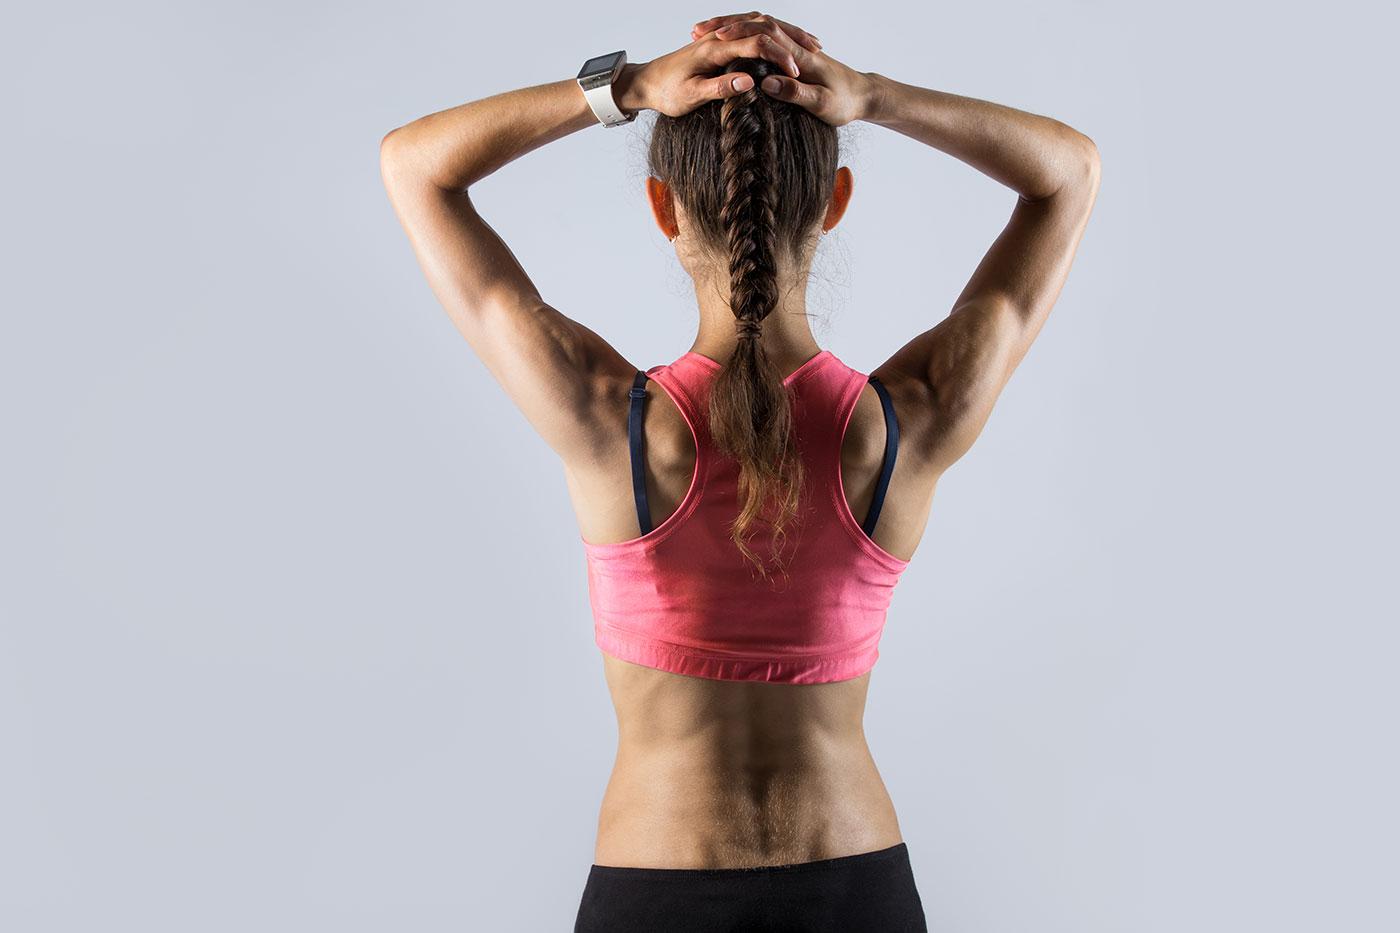 Как укрепить мышцы спины и позвоночник в домашних условиях?